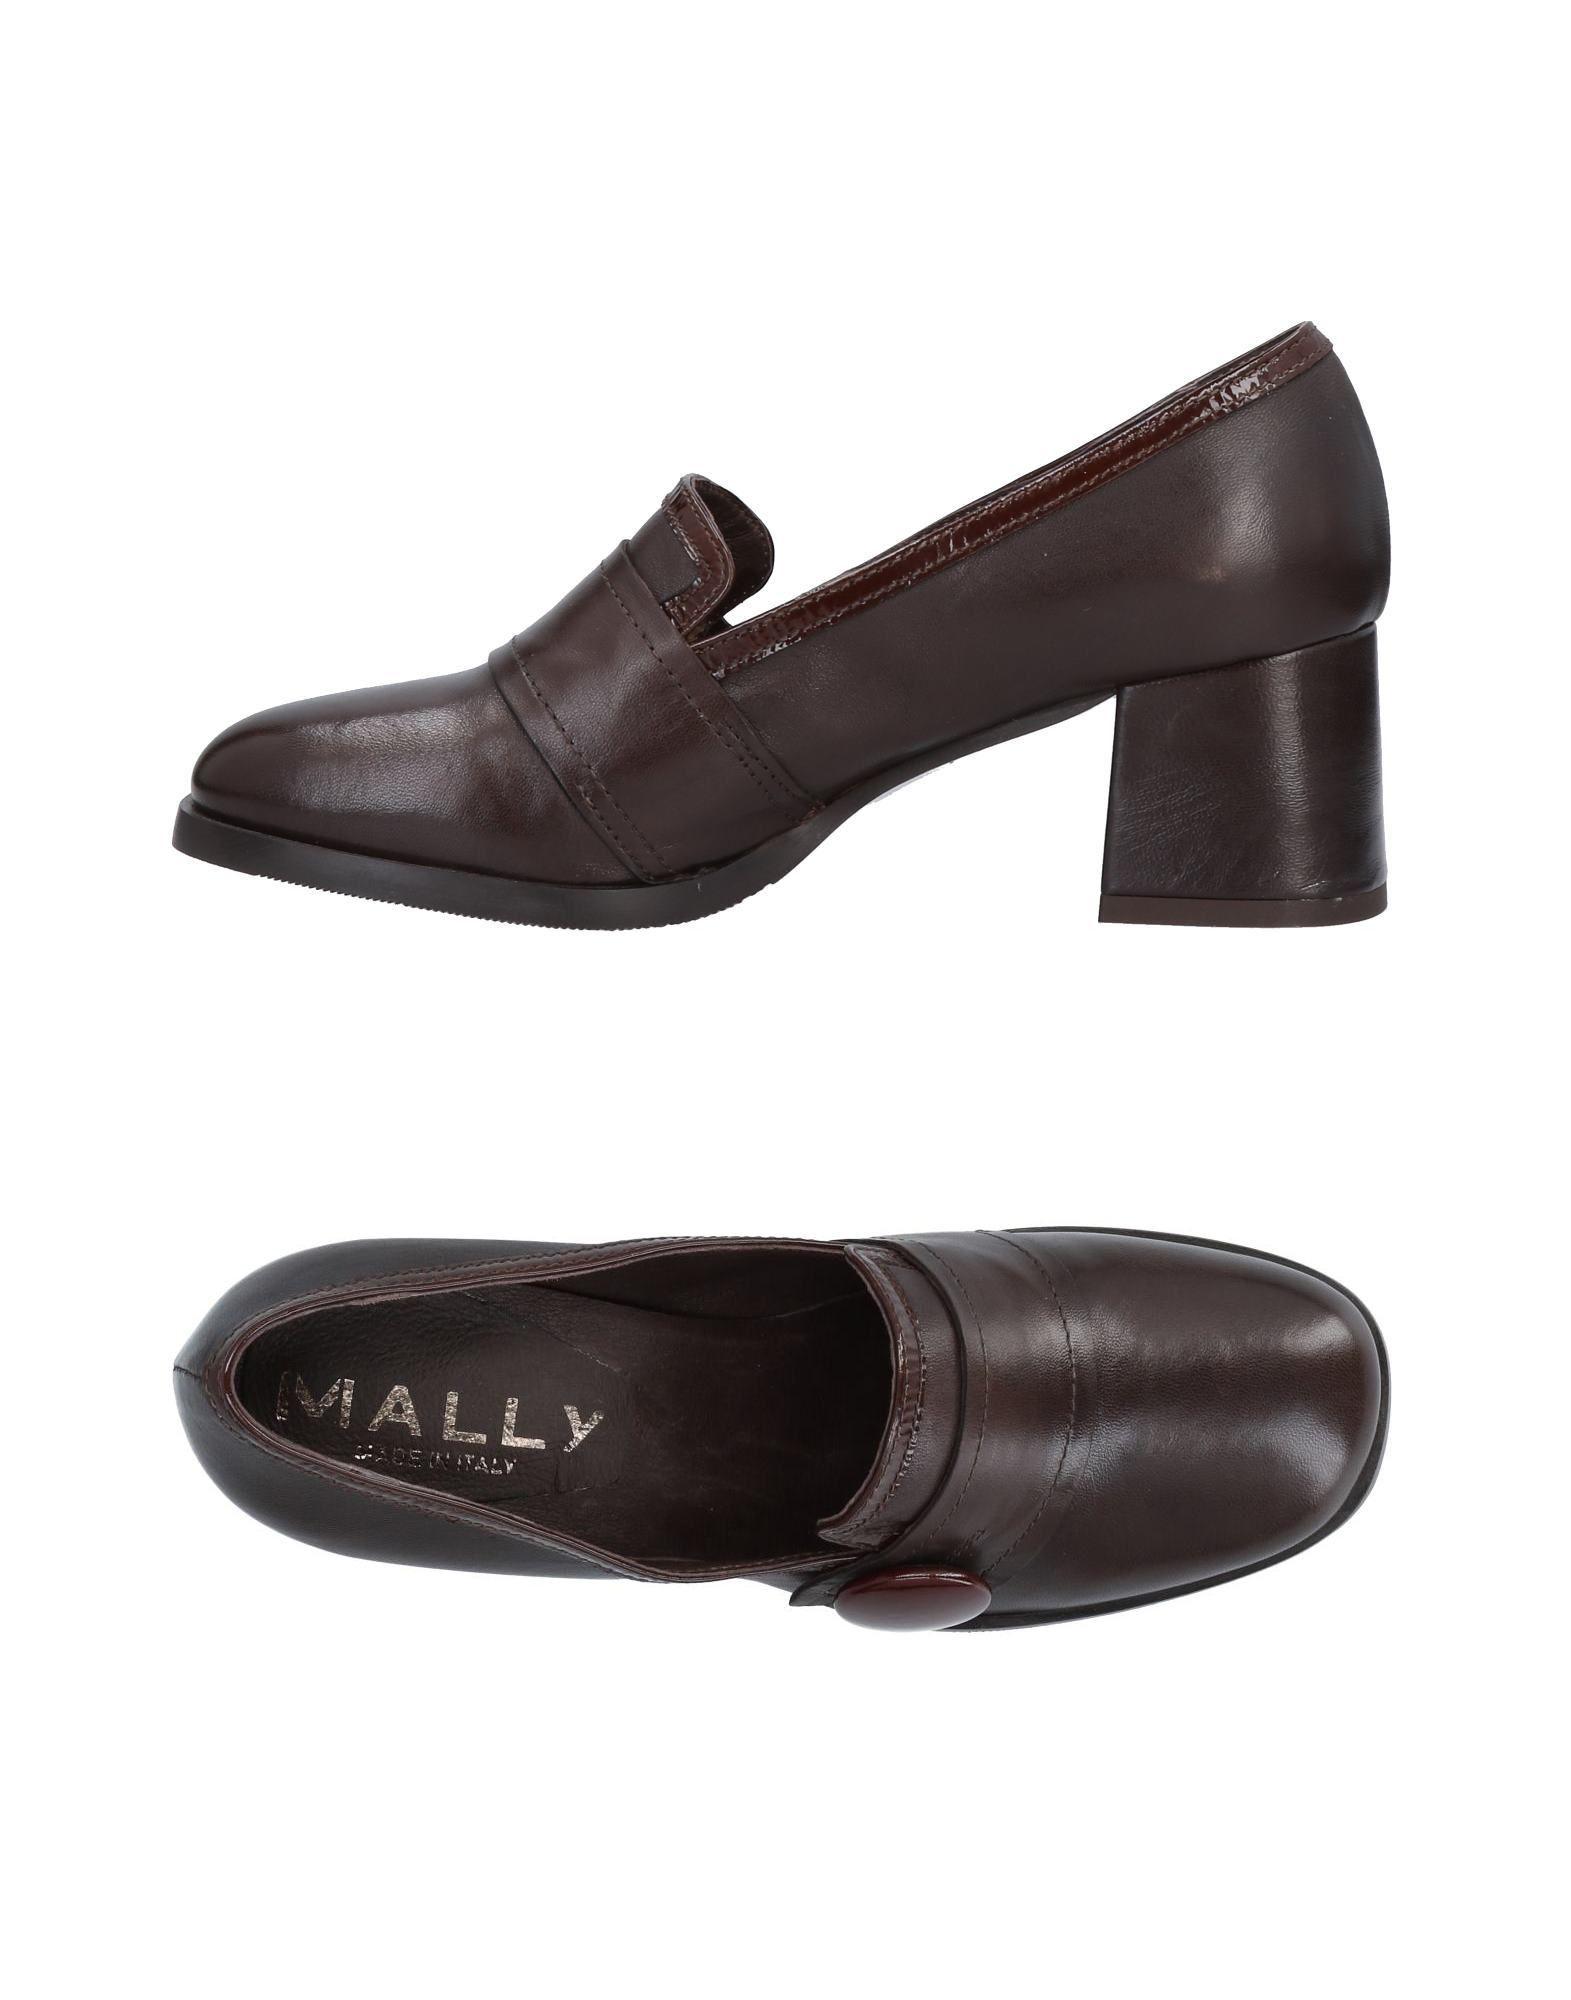 Mally Mokassins Damen  11473106DK Gute Qualität beliebte Schuhe